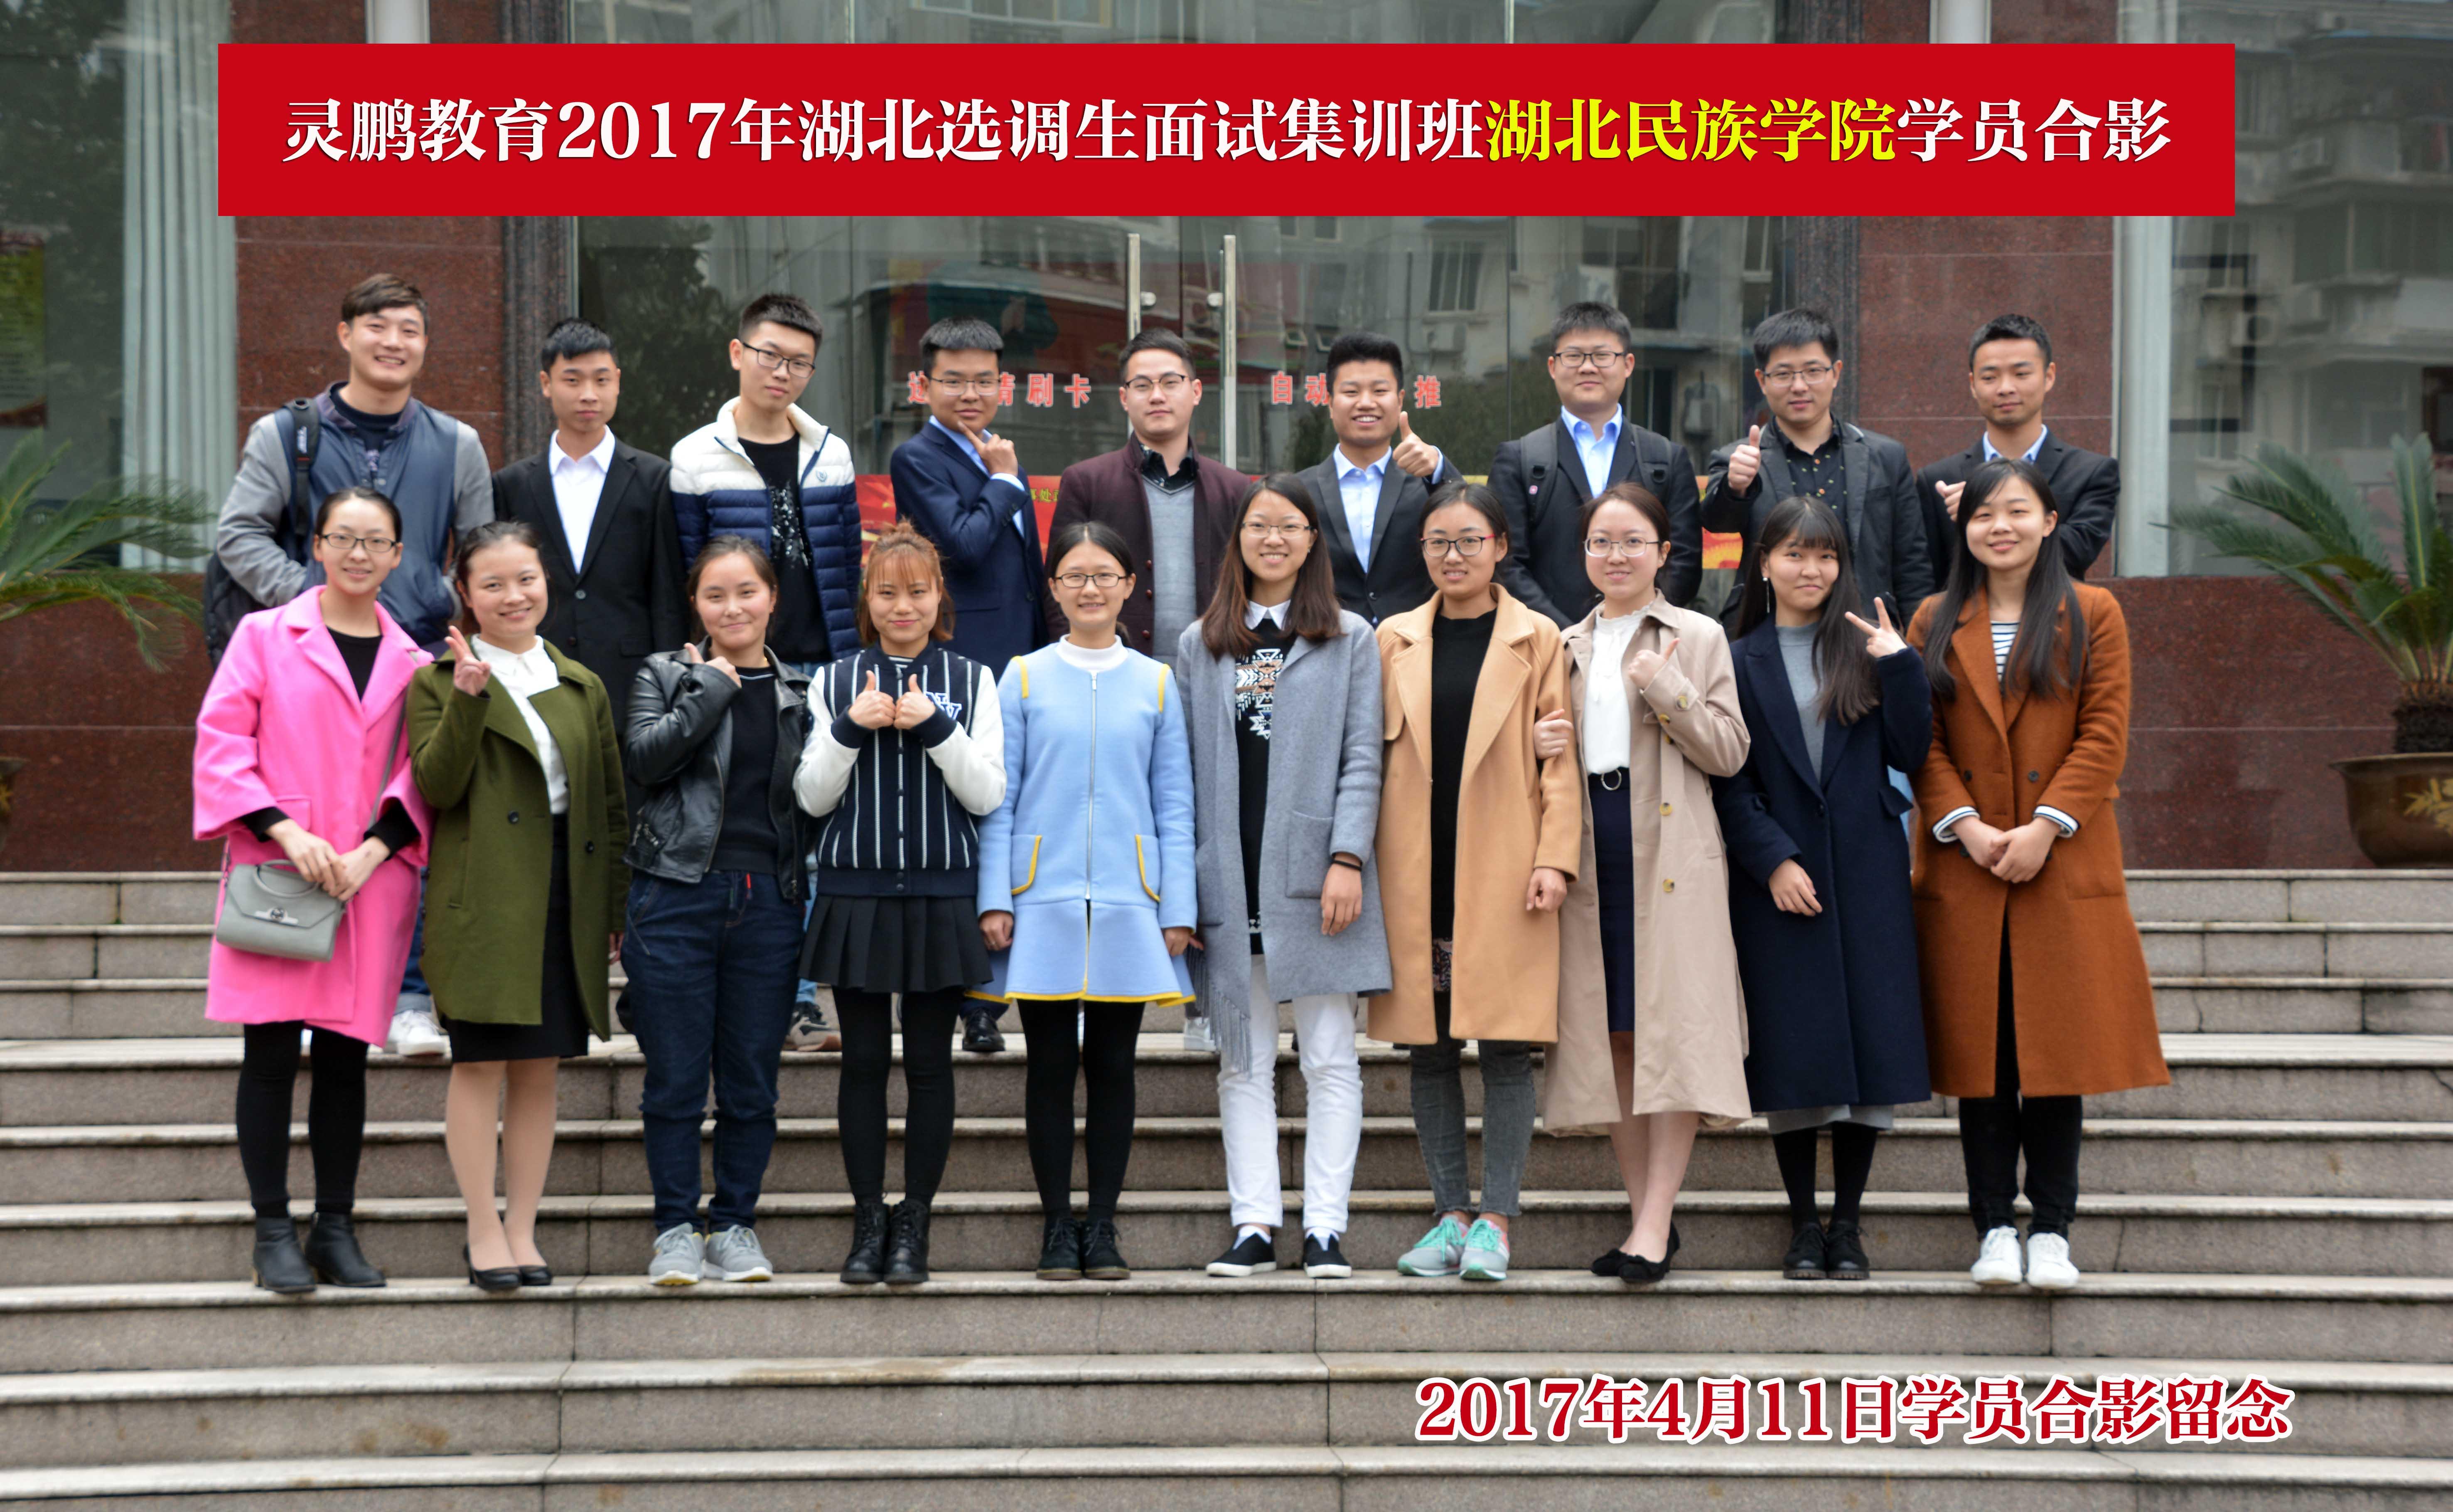 2017年选调生面试班·湖北民族学院师生合影